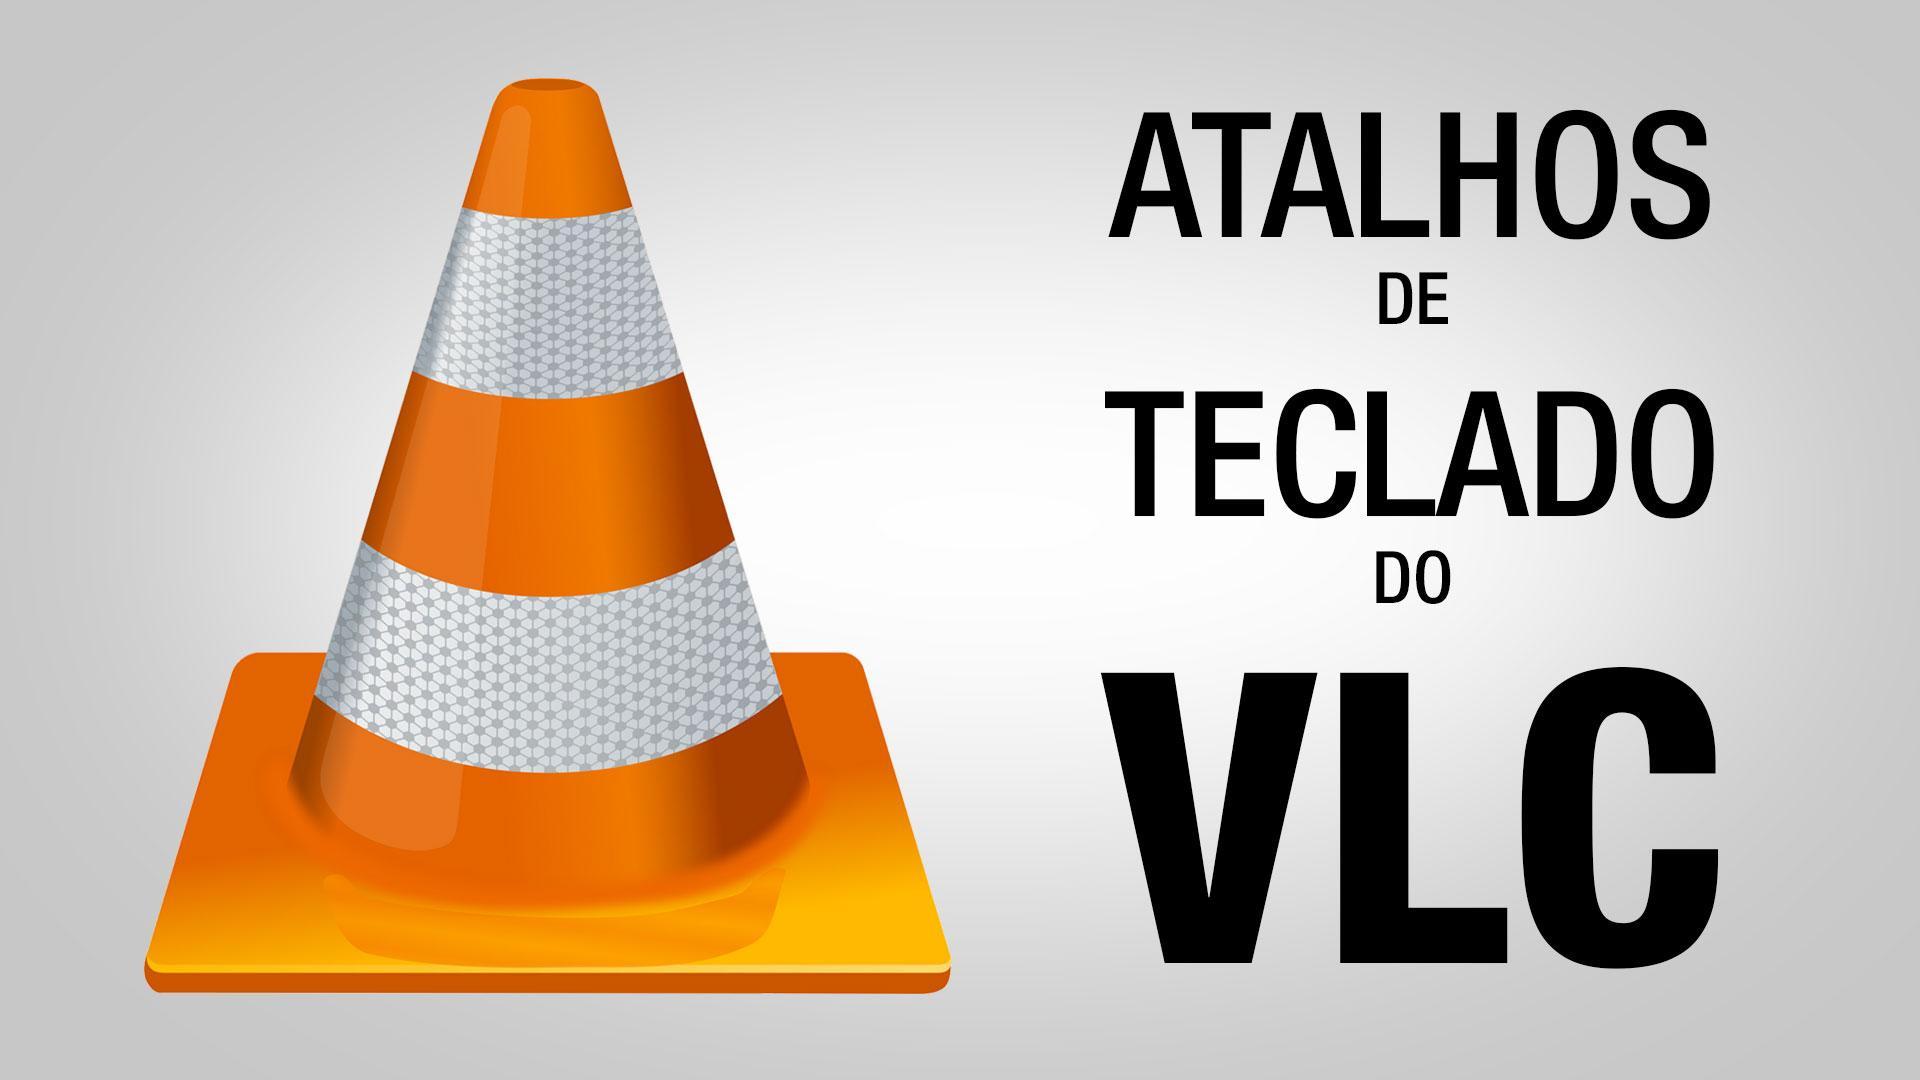 17daaeb1f6 Atalhos de teclado do VLC para facilitar sua vida - Todo Espaço Online